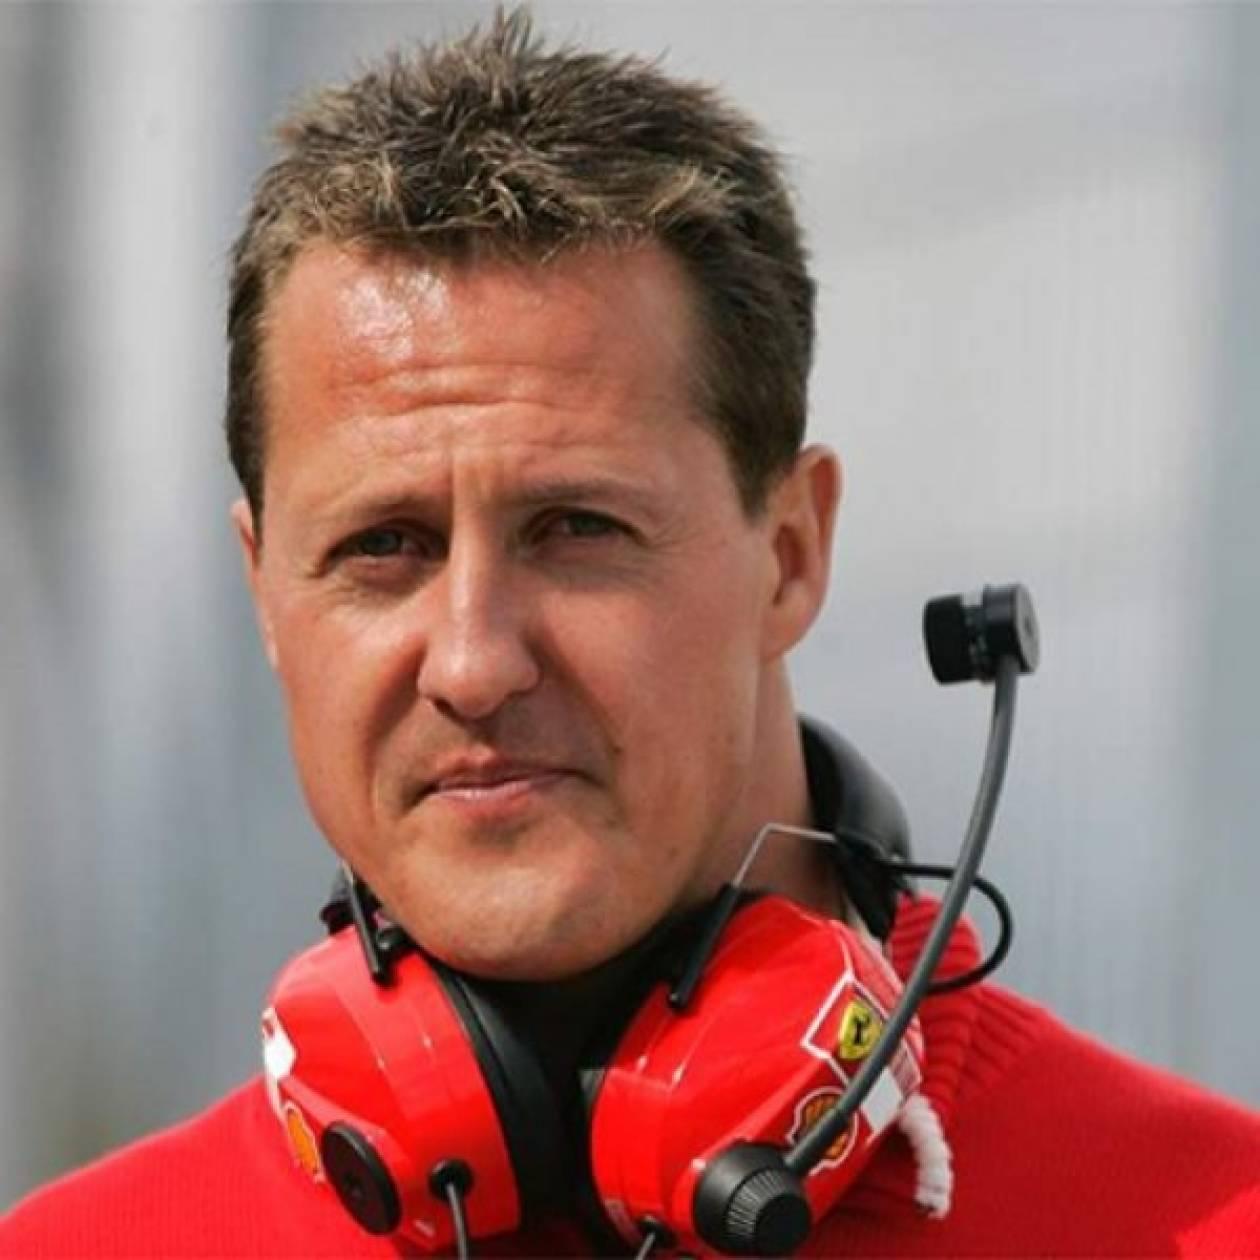 Τι συμβαίνει τελικά με τον Michael Schumacher;